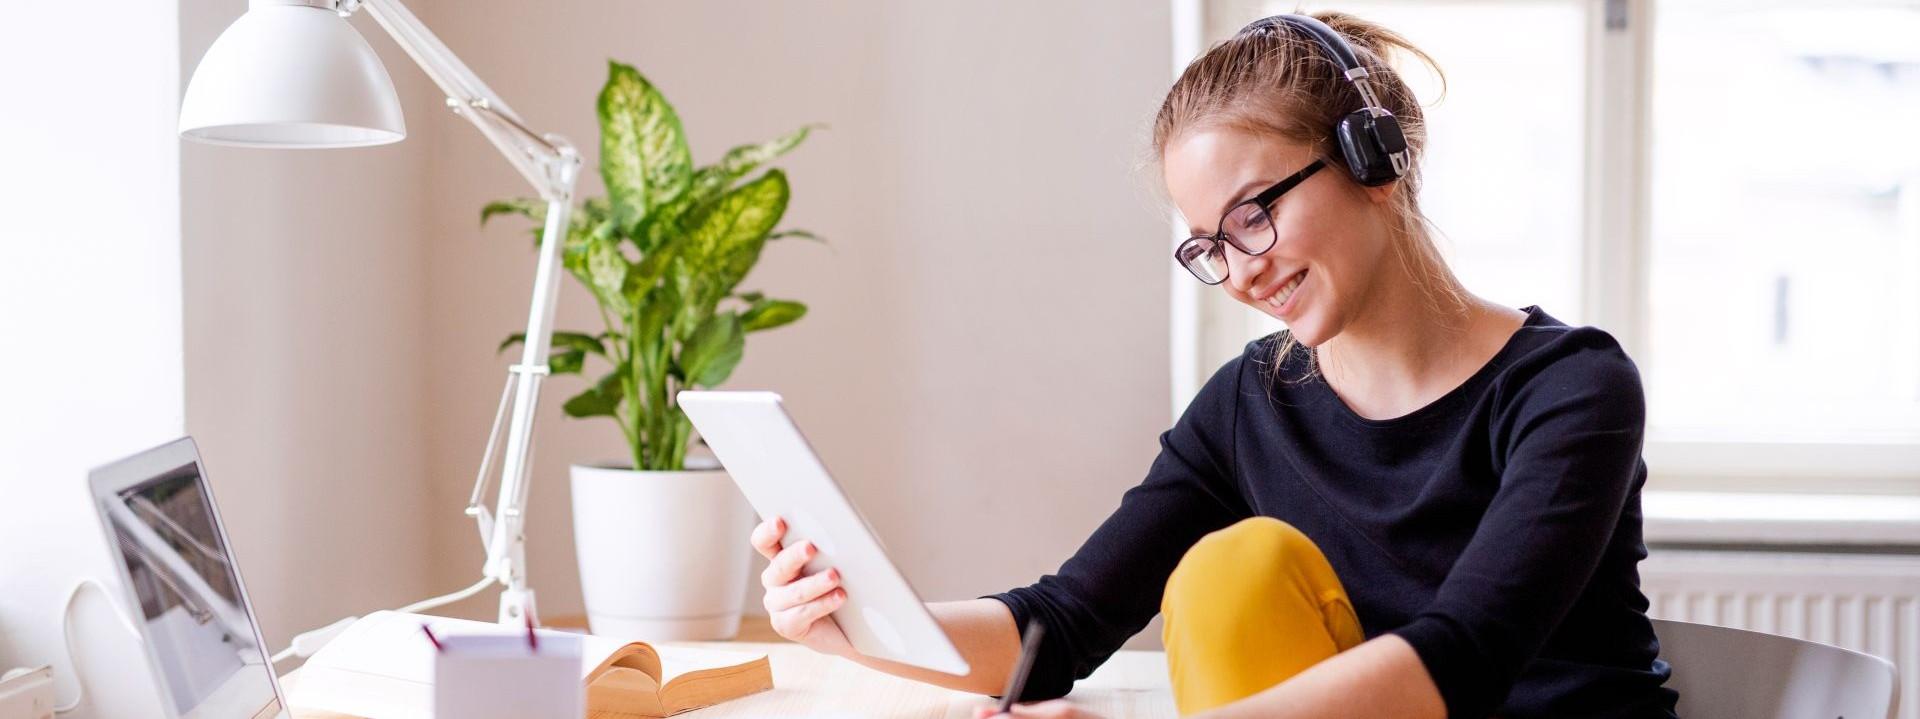 Ein etwa 15 jähriges Mädchen sitzt an einem Schreibtisch. In der rechten Hand hält sie ein Tablet, mit der linken Hand macht sie Notizen.Vor ihr steht ein Laptop. Sie trägt Kopfhörer und lächelt.